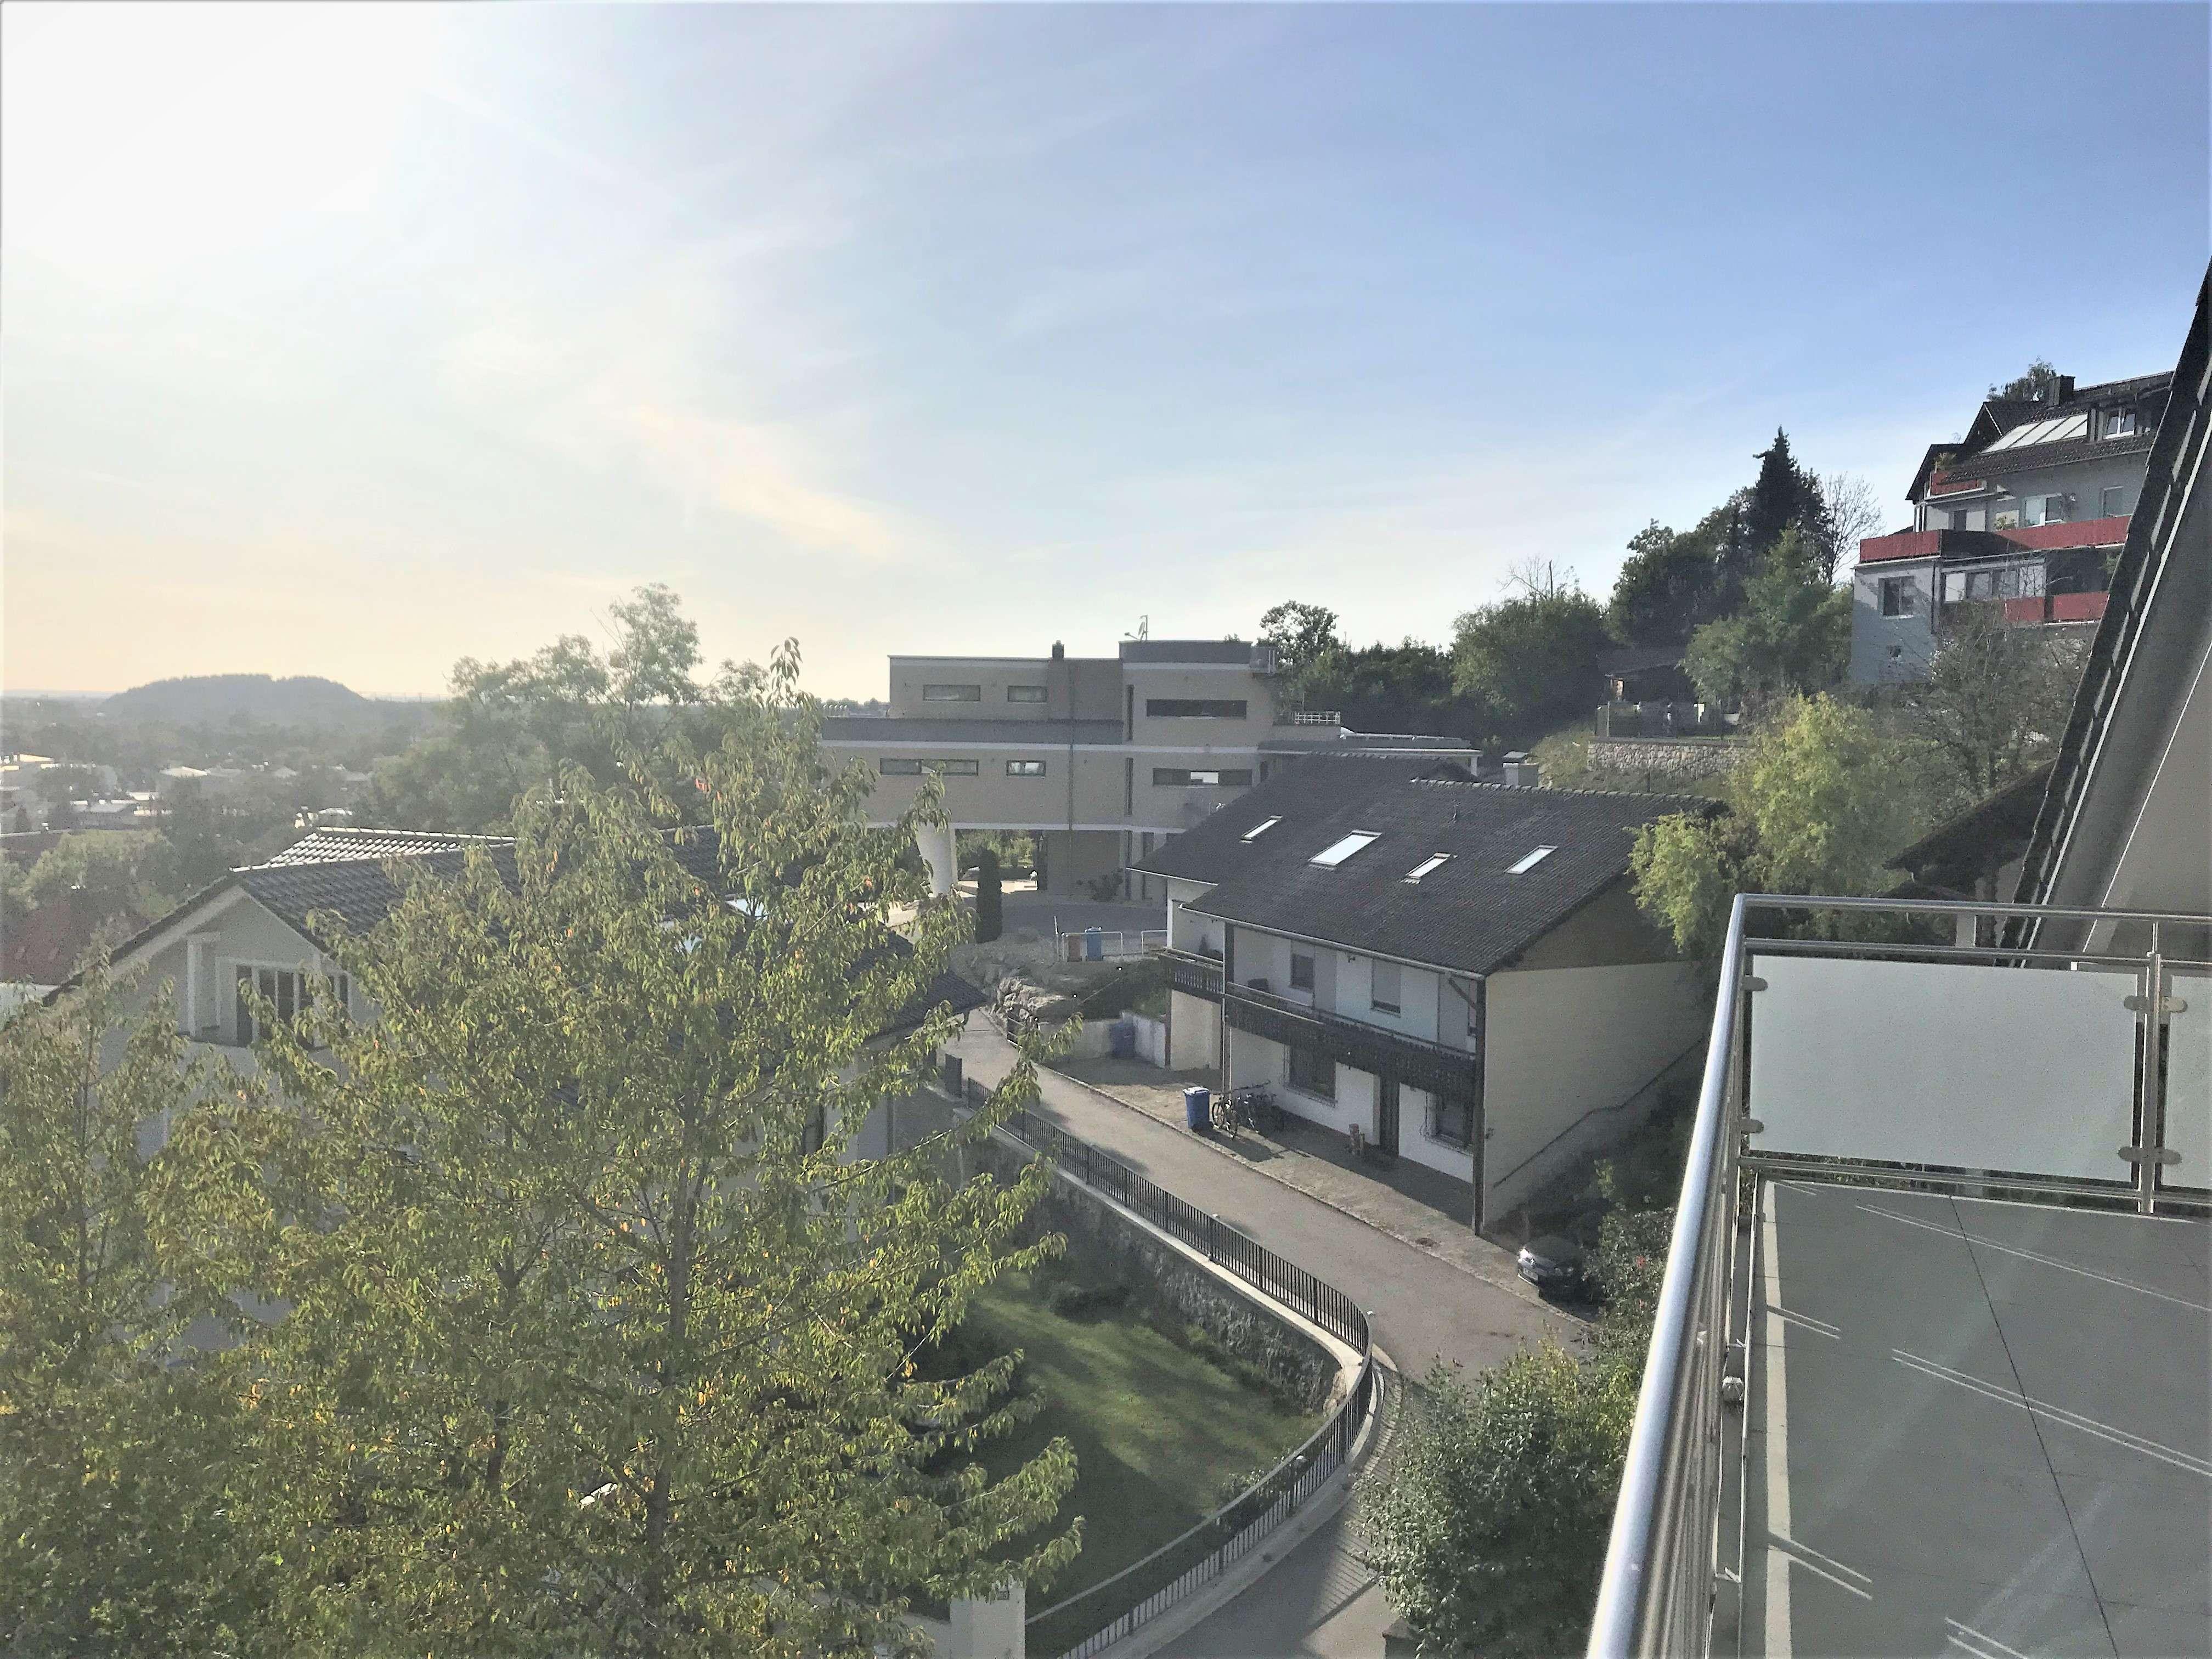 Penthouse-Wohnung mit Blick über Deggendorf in Deggendorf